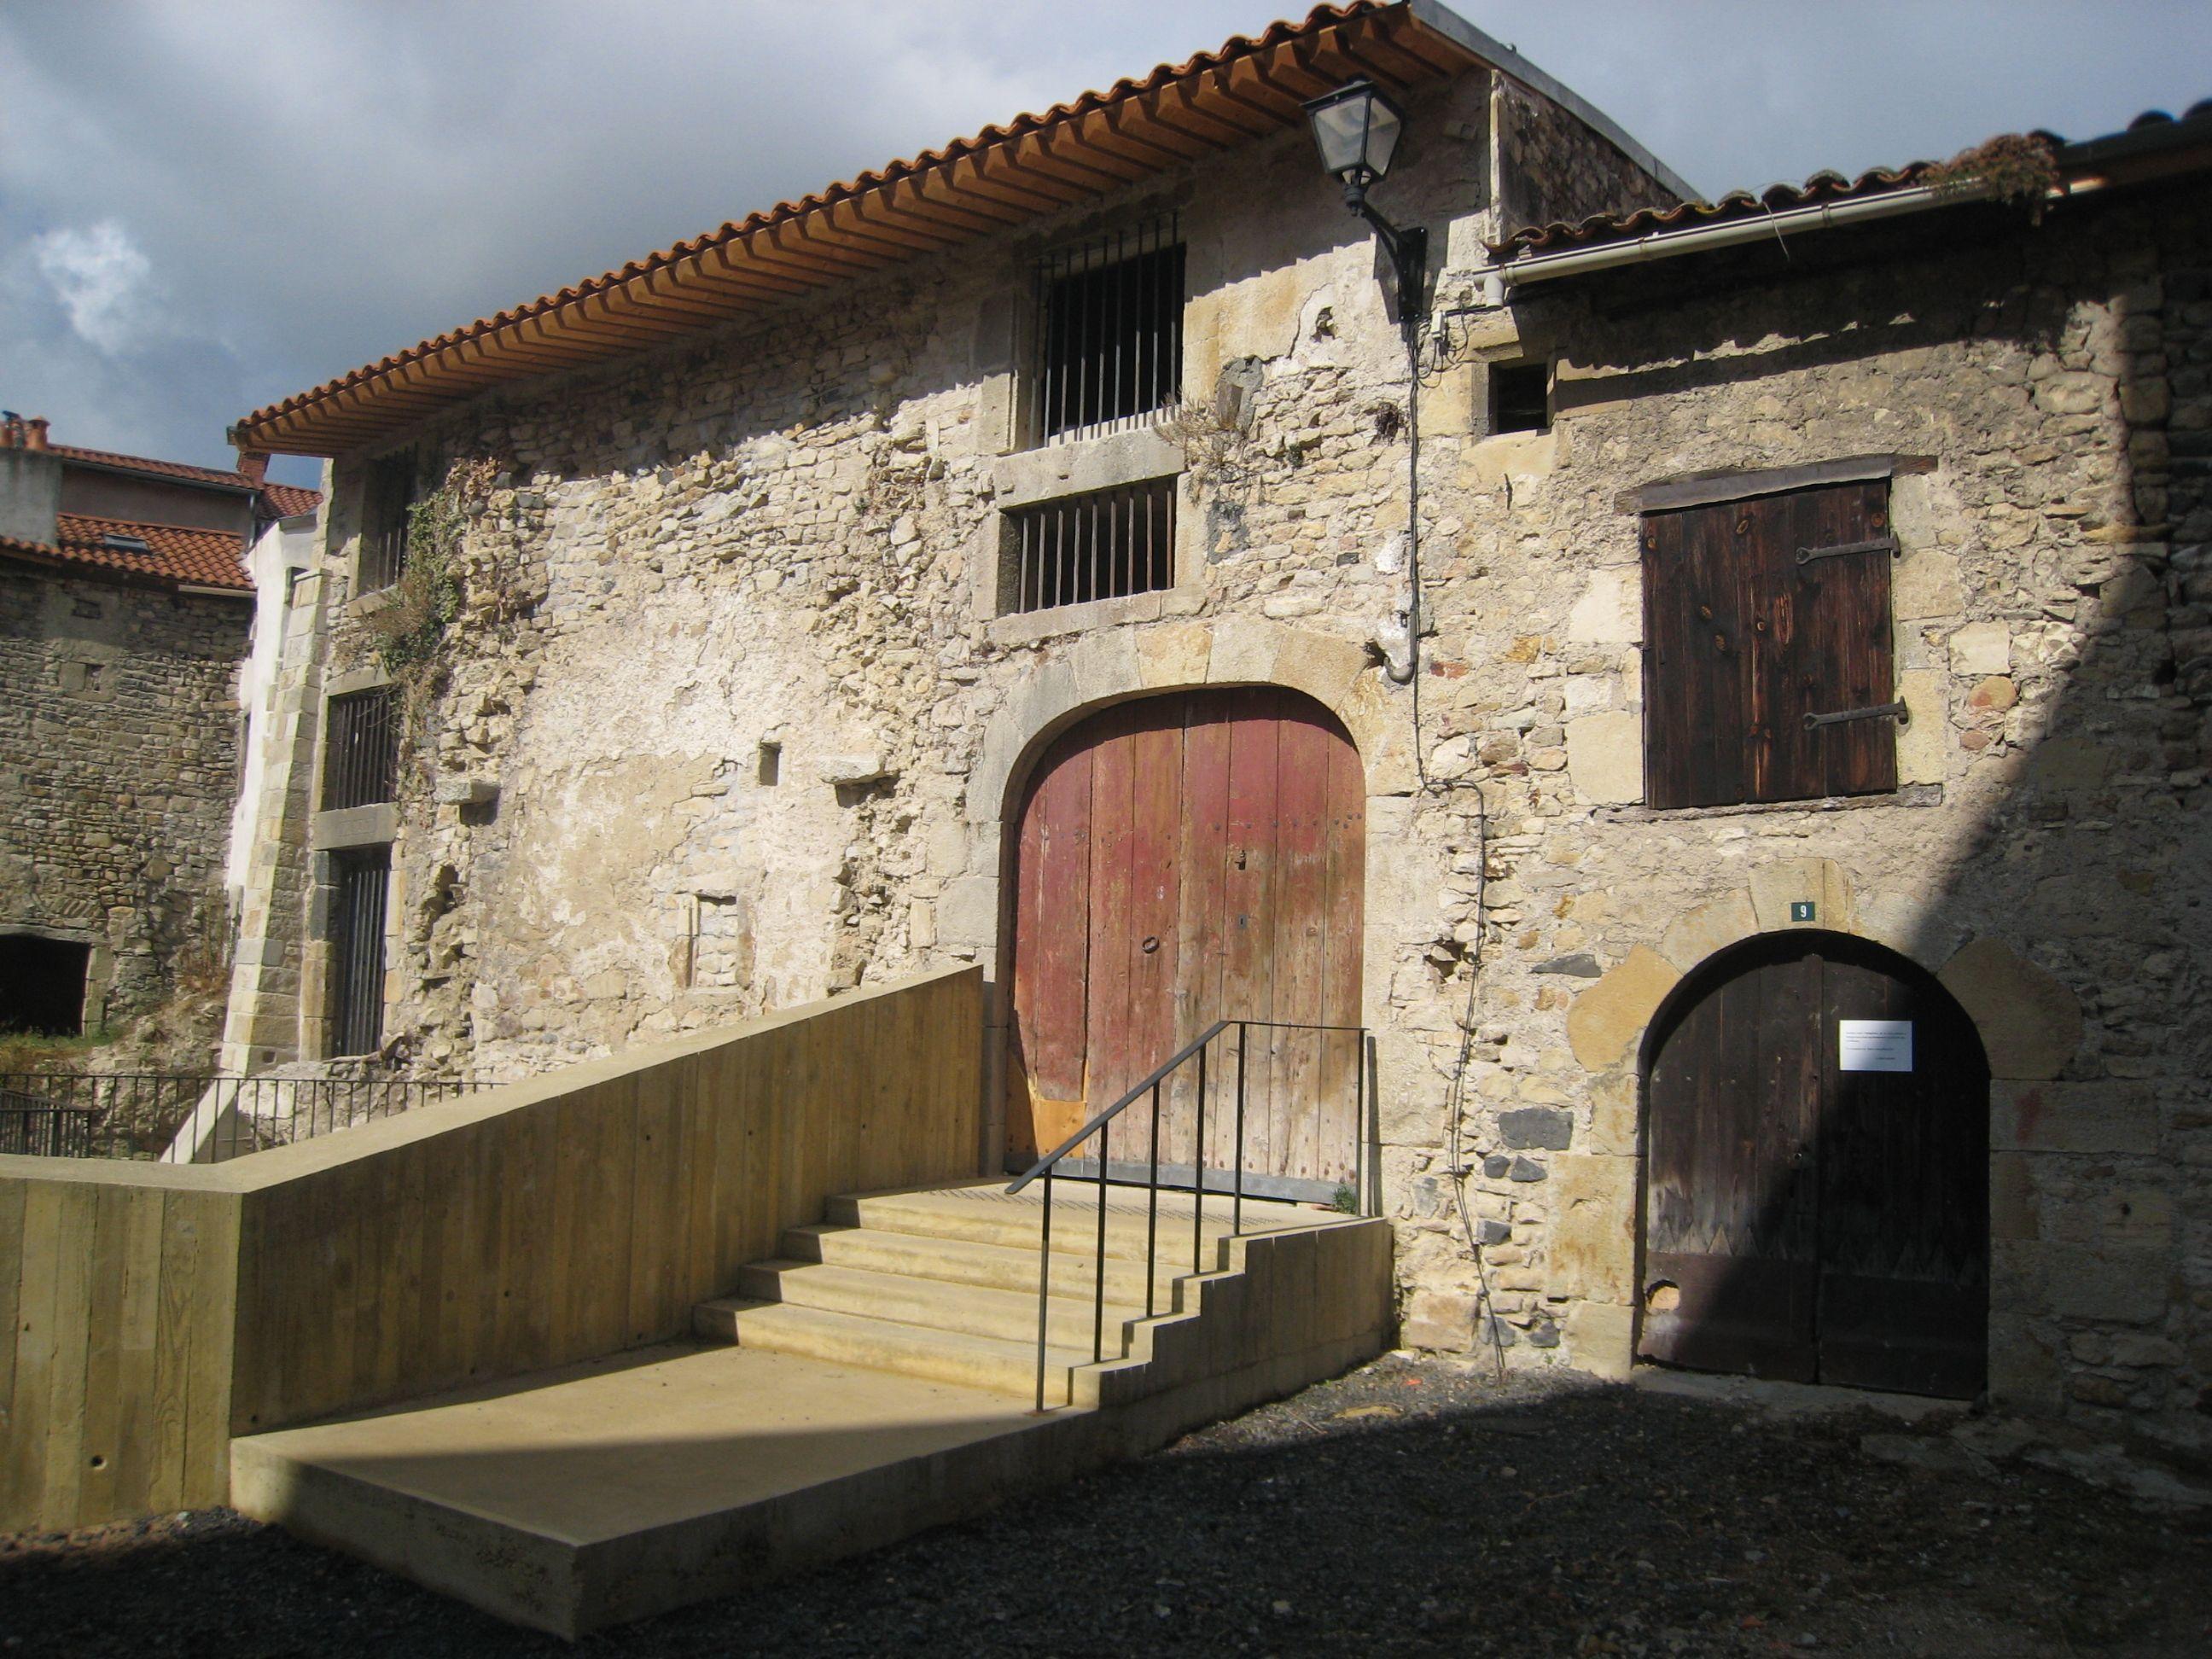 Cave Marc et bâtiments alentours à Plauzat